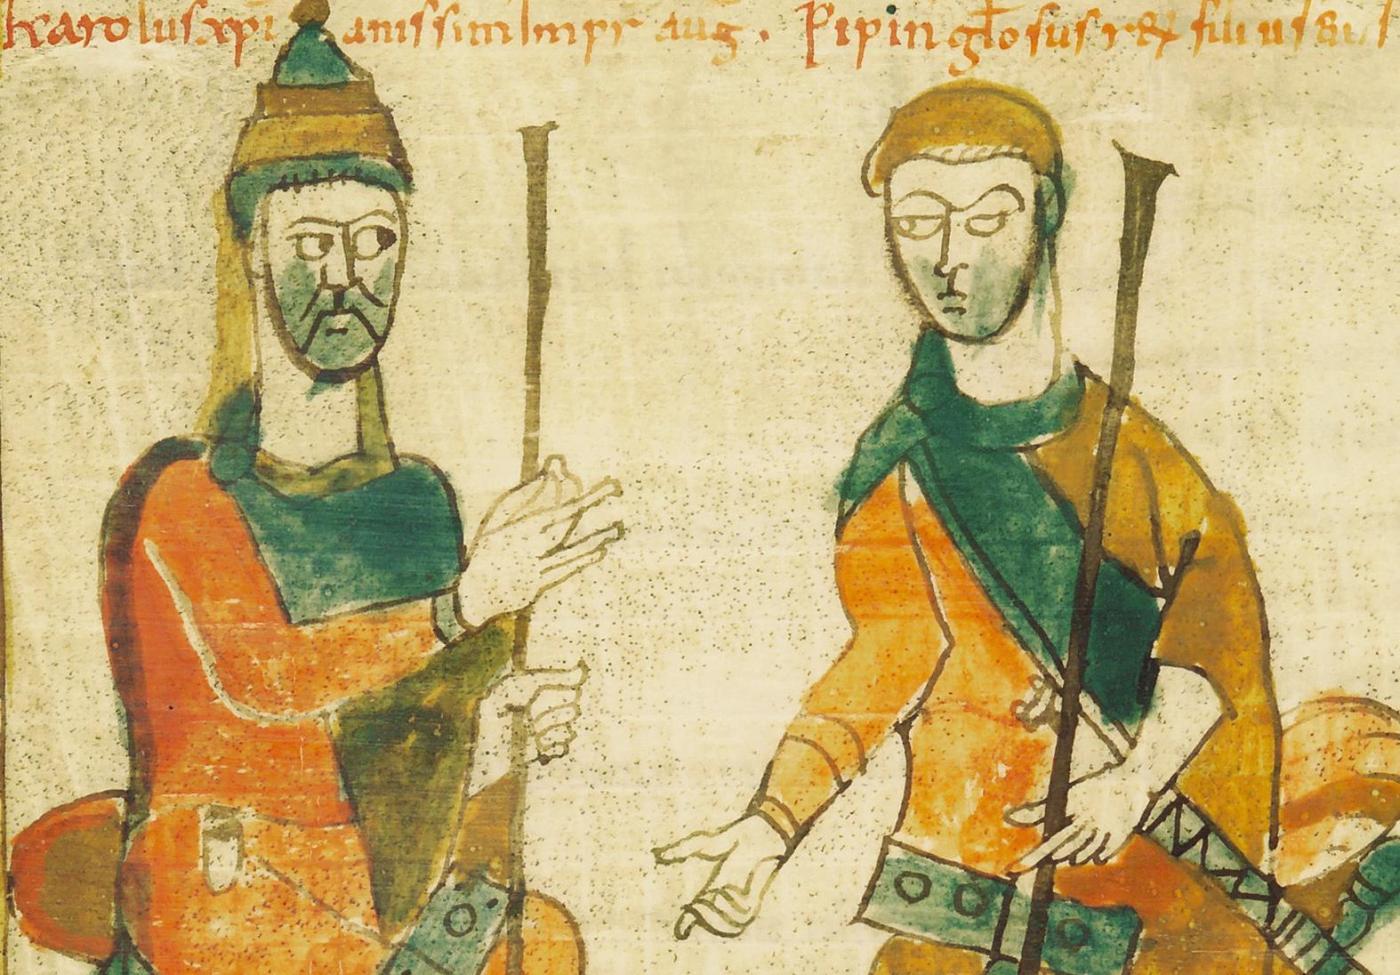 Carlo Magno e il figlio Pipino. Sec. IX (Ms. O.I.2)